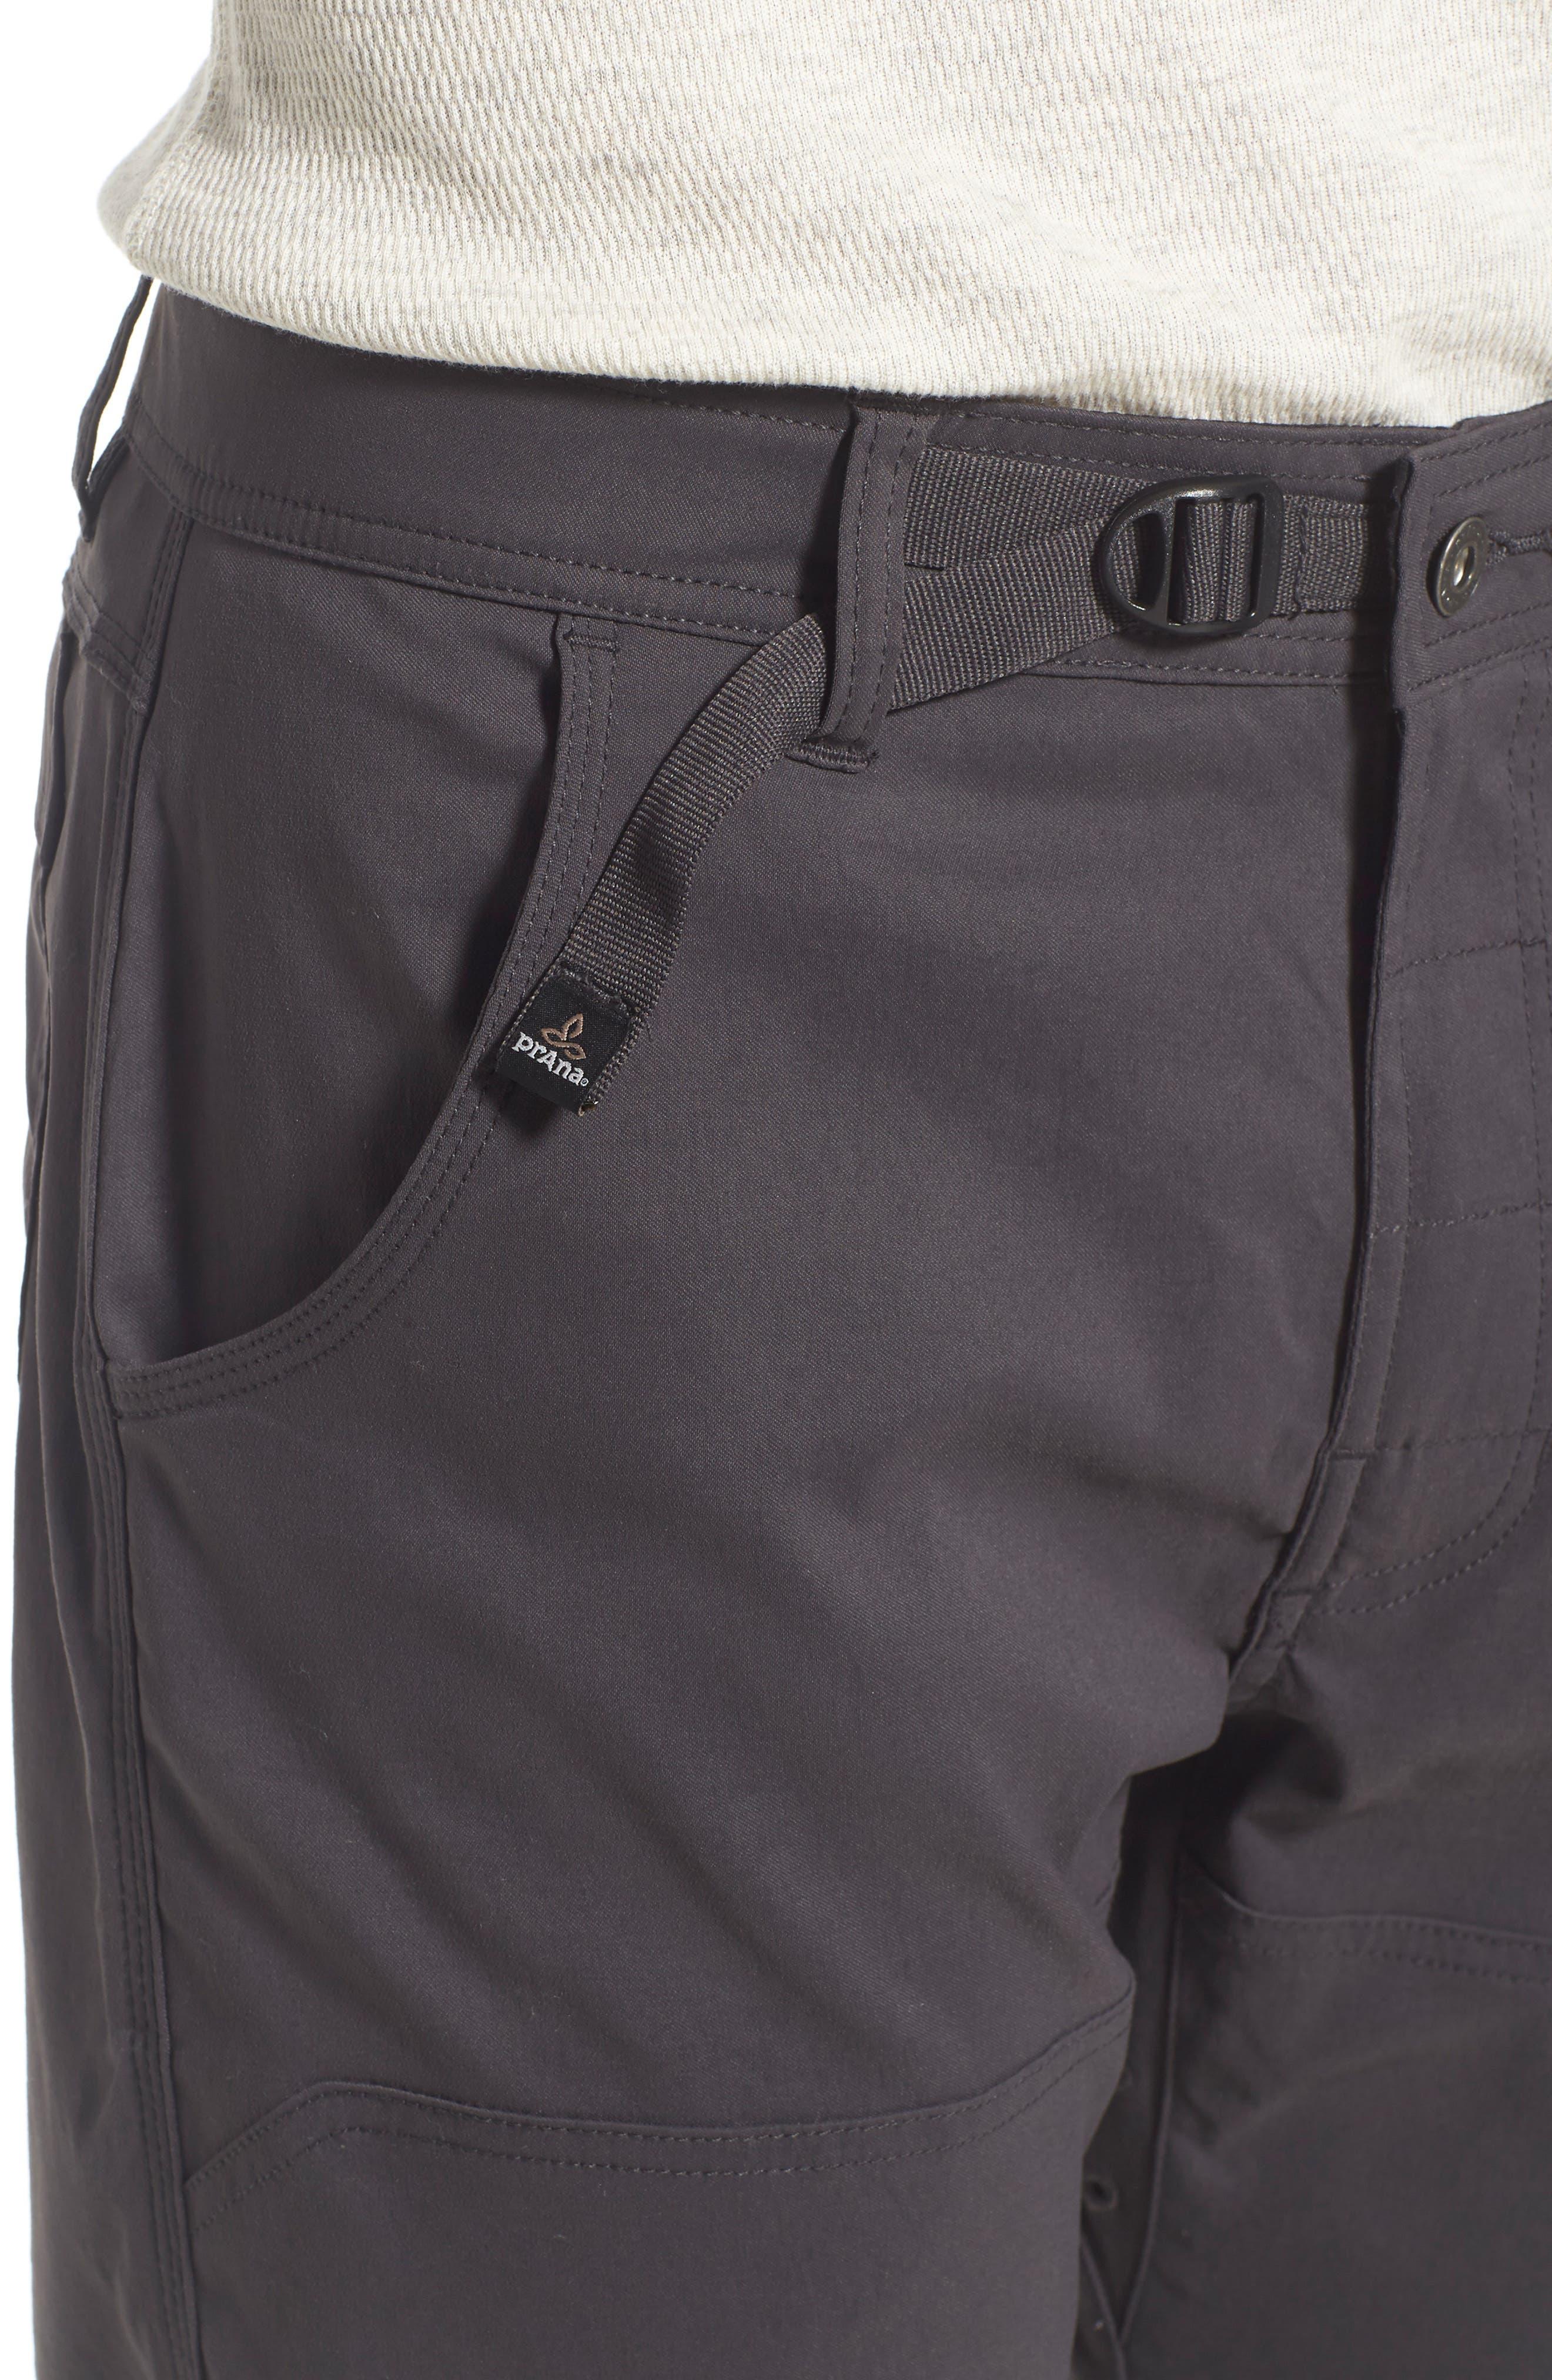 Zion Stretch Pants,                             Alternate thumbnail 3, color,                             010